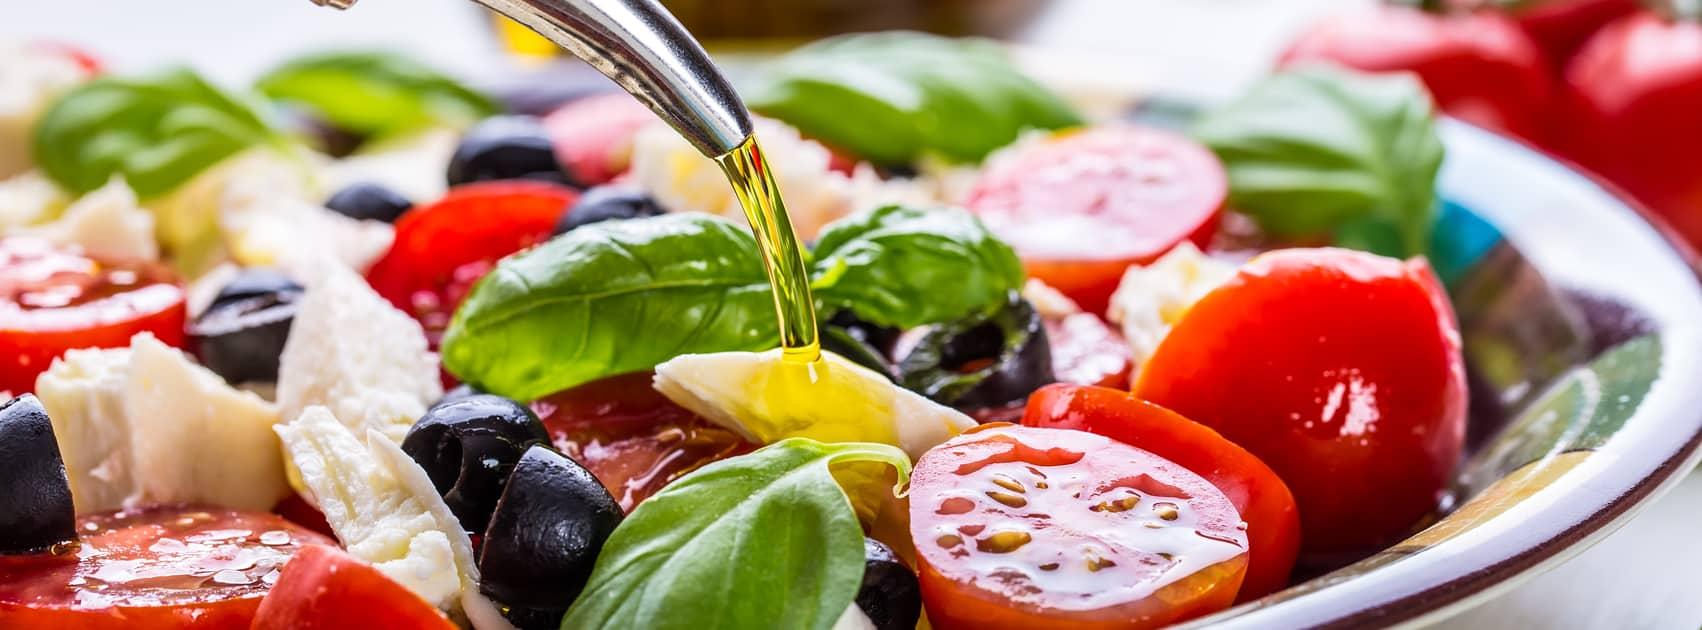 Is het mediterrane dieet gezond?